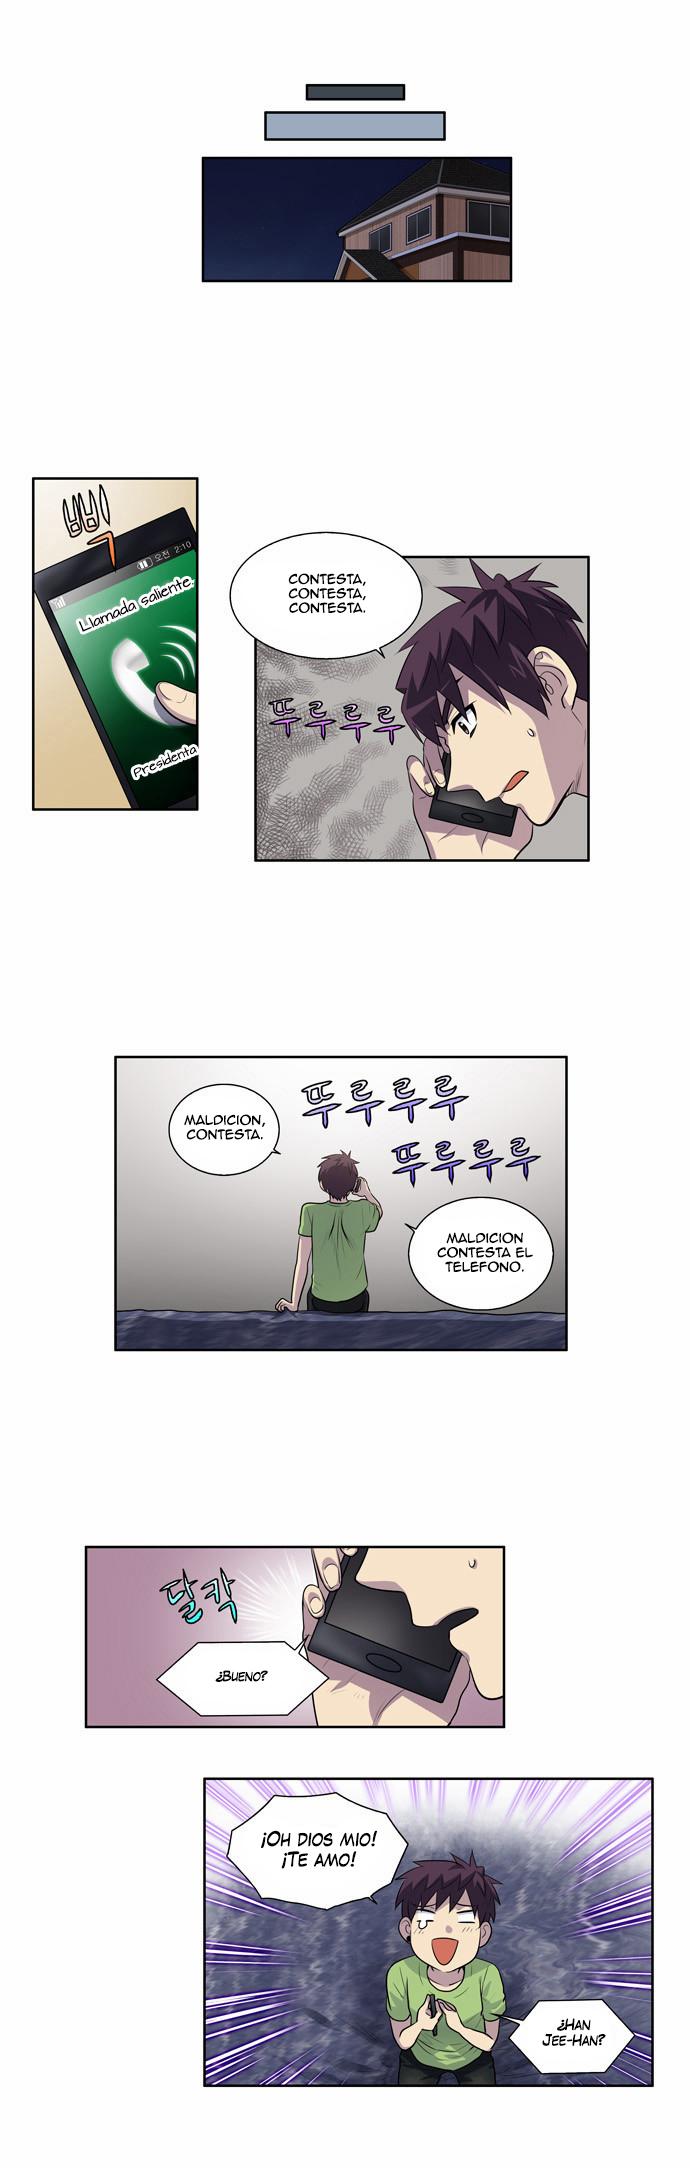 http://c5.ninemanga.com/es_manga/61/1725/423524/0e14634c5923eef2e0ec0653bc14f005.jpg Page 6